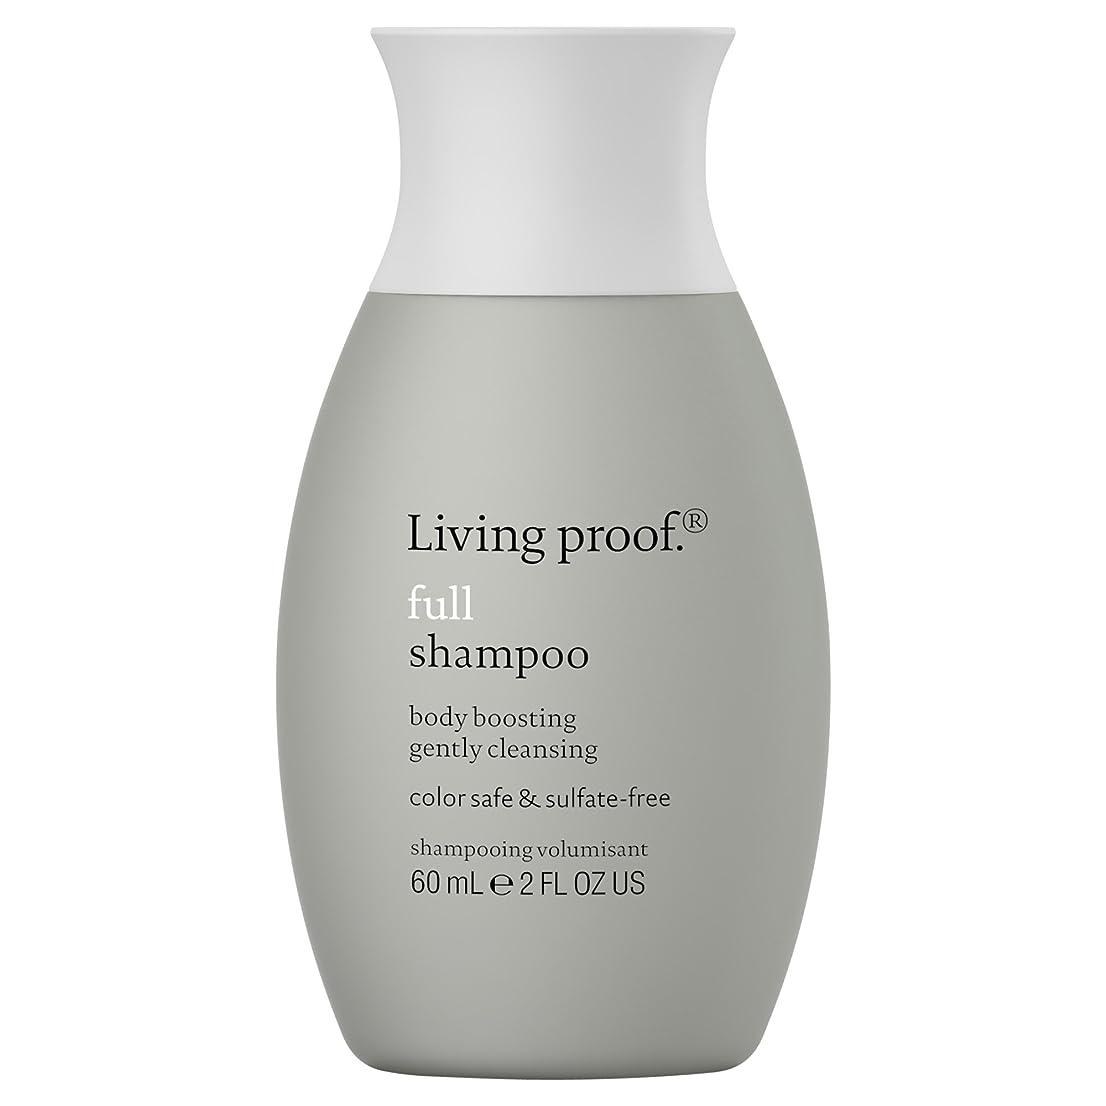 マーキーお願いします肉の生きている証拠フルシャンプー60ミリリットル (Living Proof) (x2) - Living Proof Full Shampoo 60ml (Pack of 2) [並行輸入品]